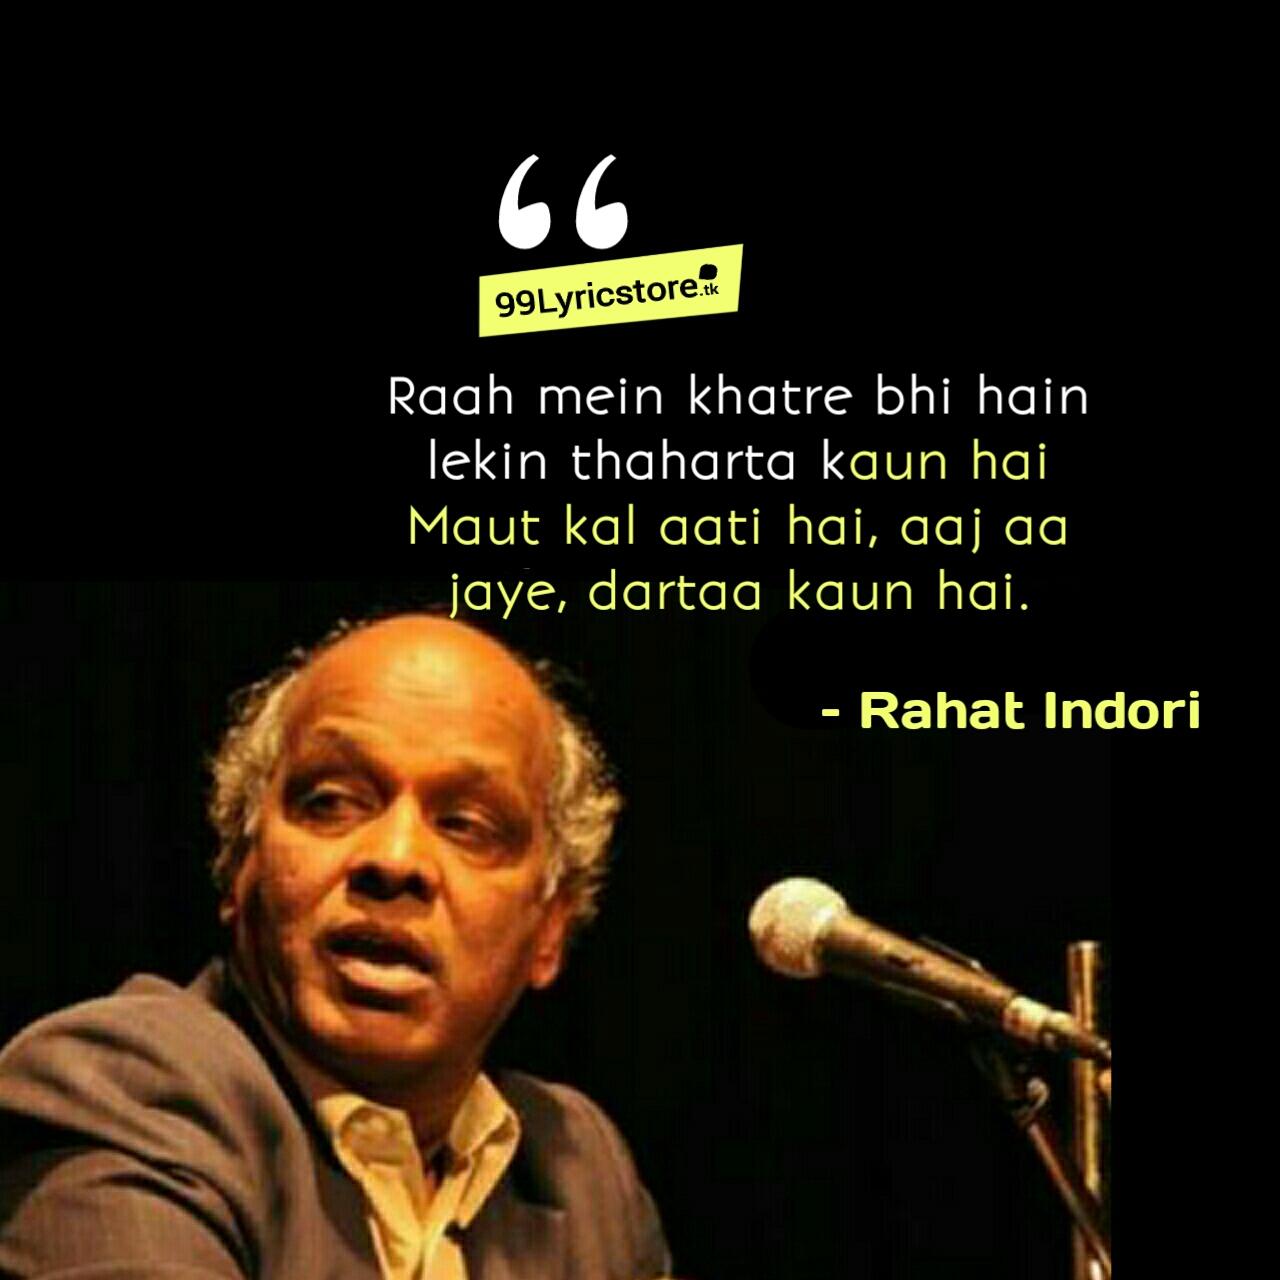 Raah Mein Khatre Bhi Hain Lekin Thaharta Kaun Hai By Rahat Indori | Ghazal, Rahat Indori poetry, Rahat Indori Ghazal, Rahat Indori Shayari, Rahat Indori quotes image, Rahat Indori mushaira, Rahat Indori Ghazal videos.